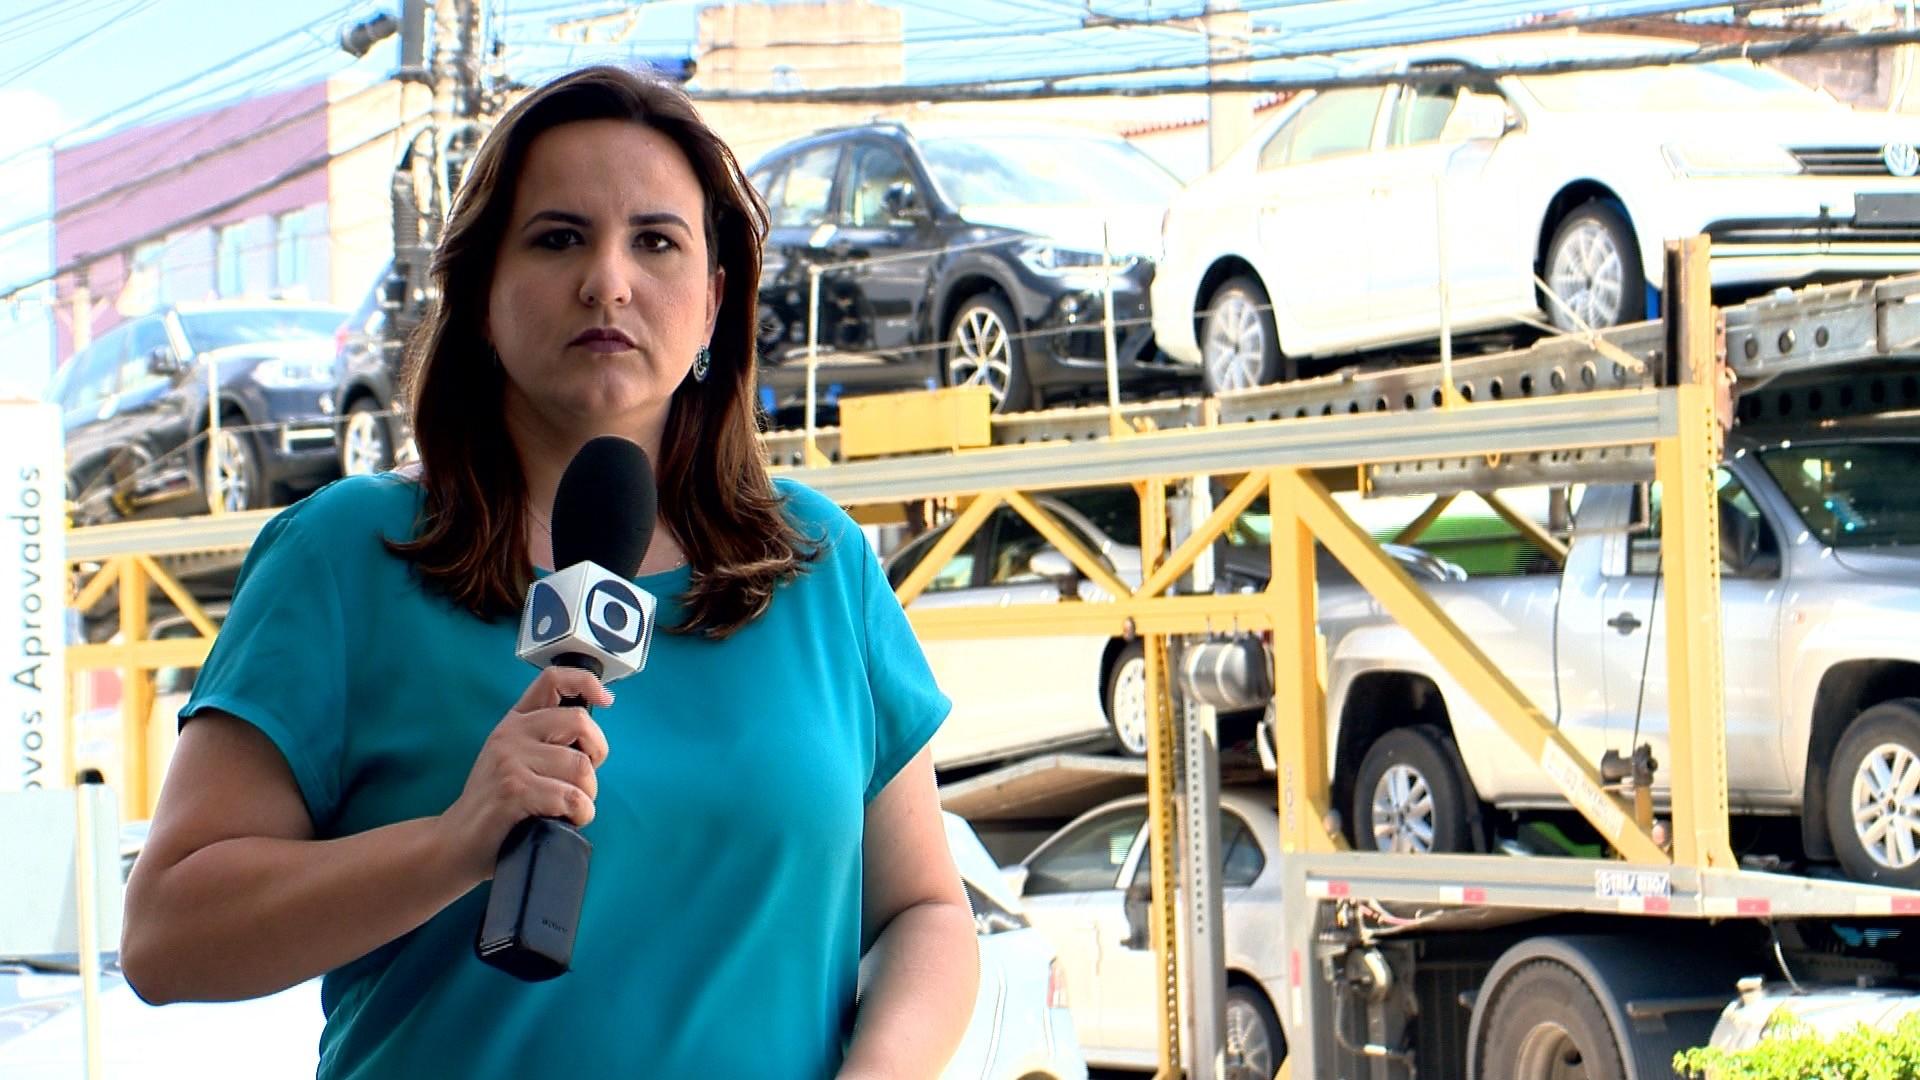 ESTV 1ª Edição destaca o perigo para os motoristas de caminhão cegonha (Foto: Divulgação/ TV Gazeta)